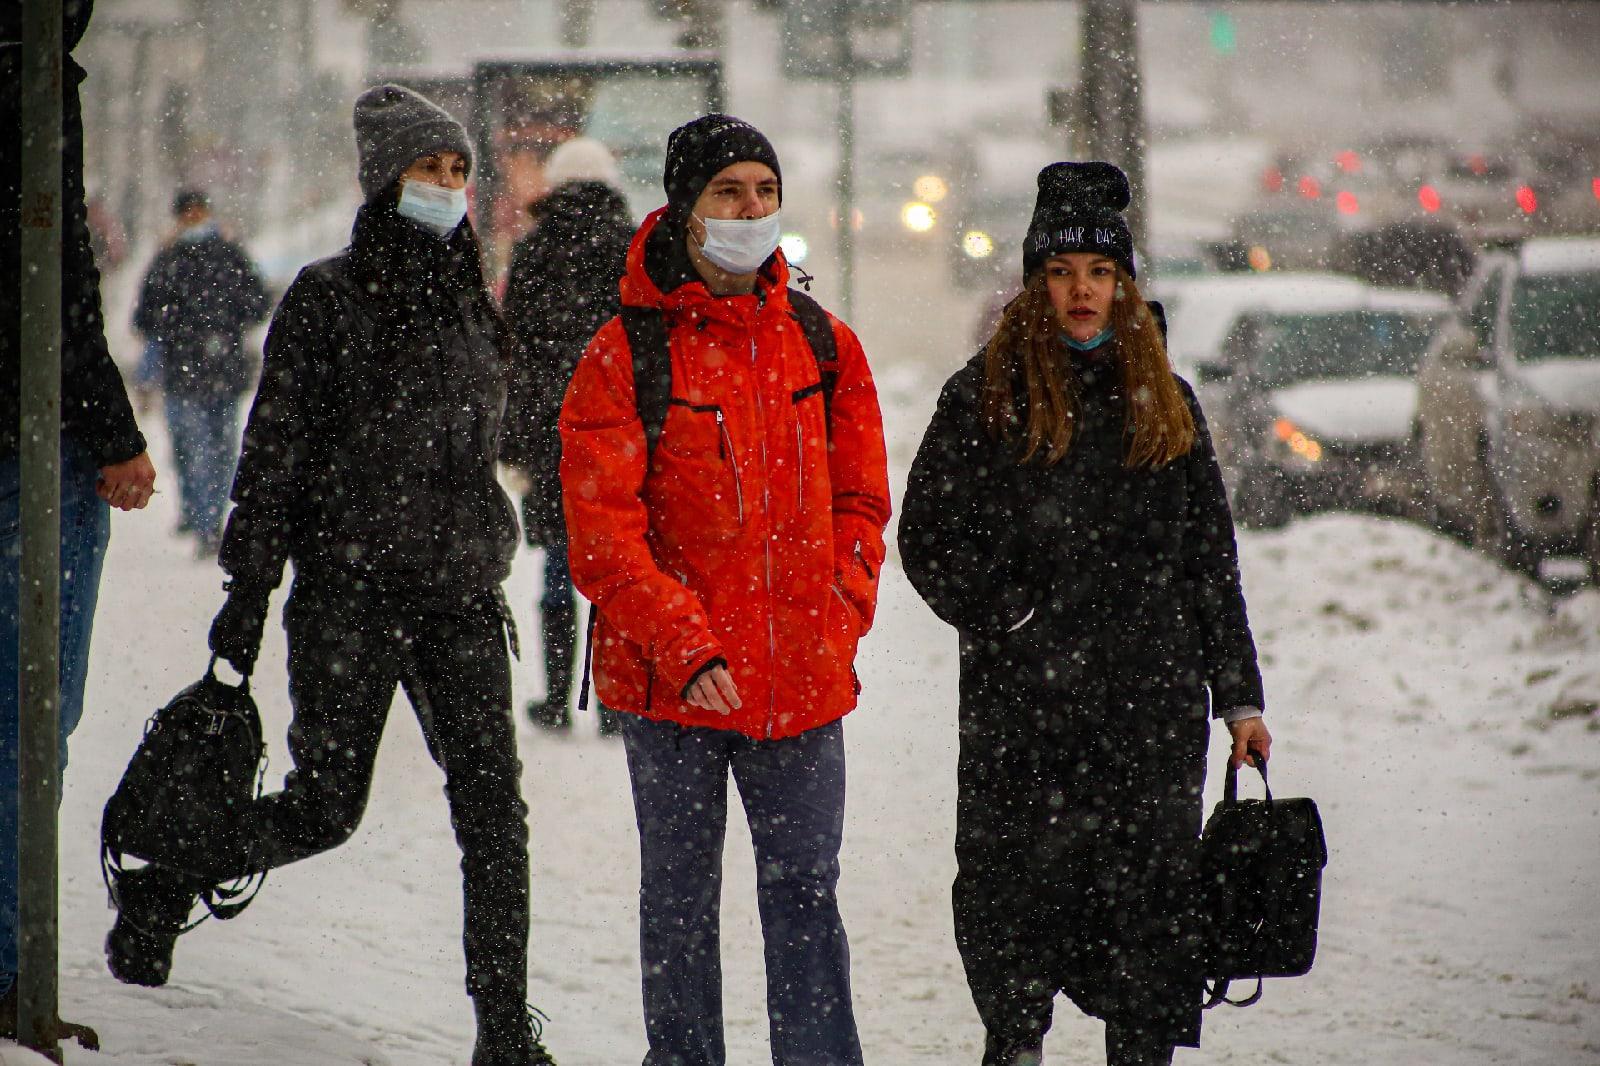 фото Выключите снег: метели с сильным ветром обрушились на Новосибирск 8 февраля 4